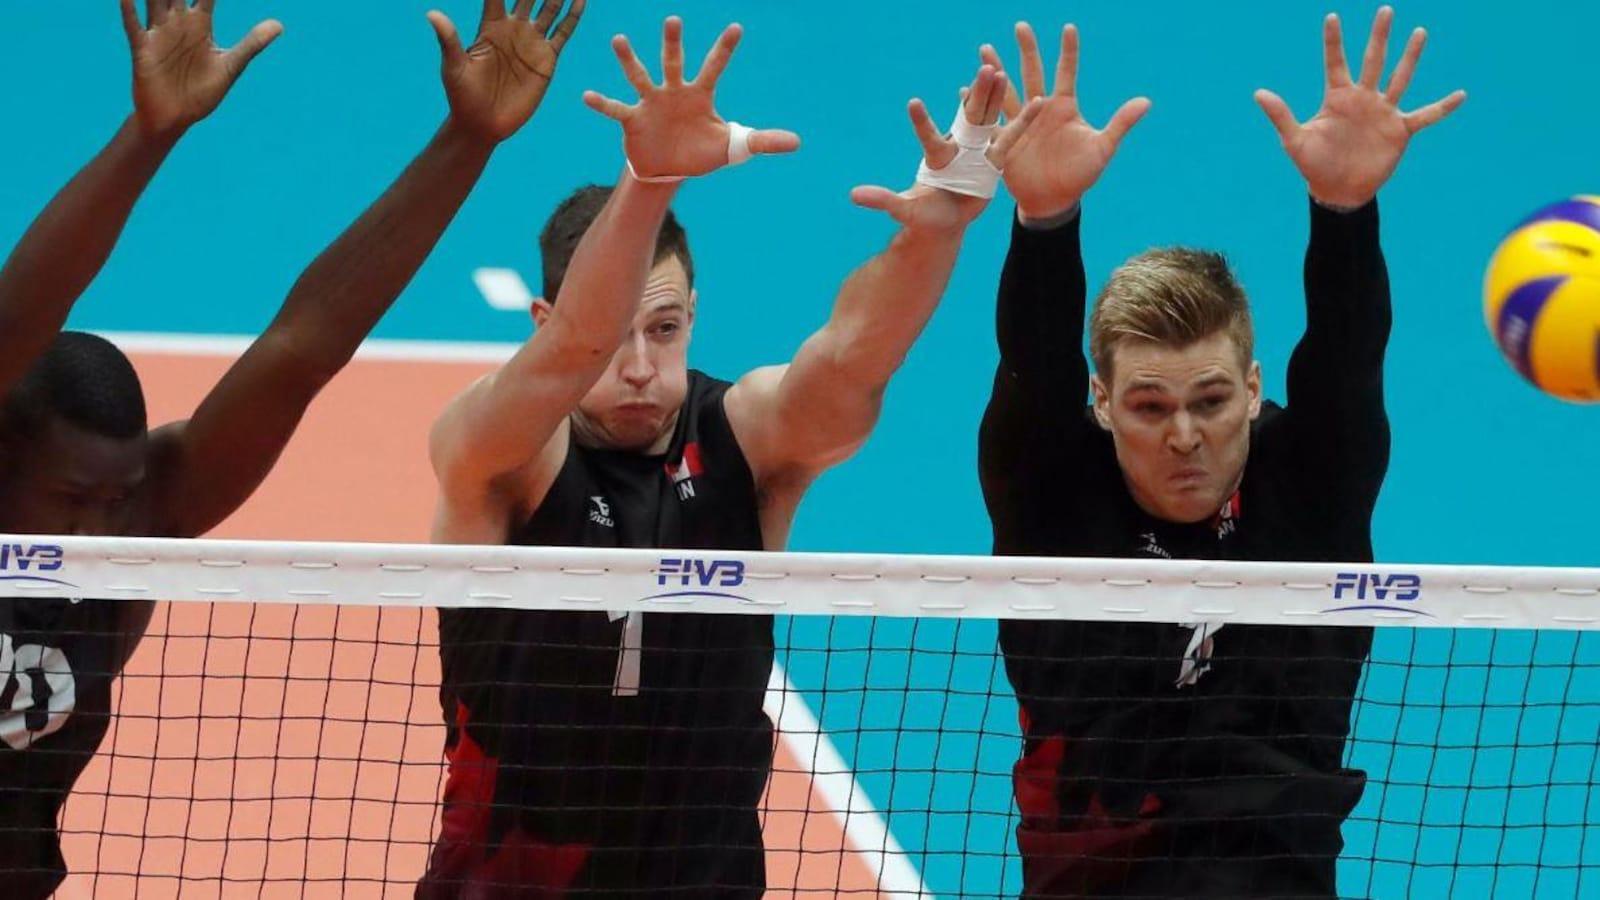 Des joueurs canadiens sautent pour bloquer un smash.